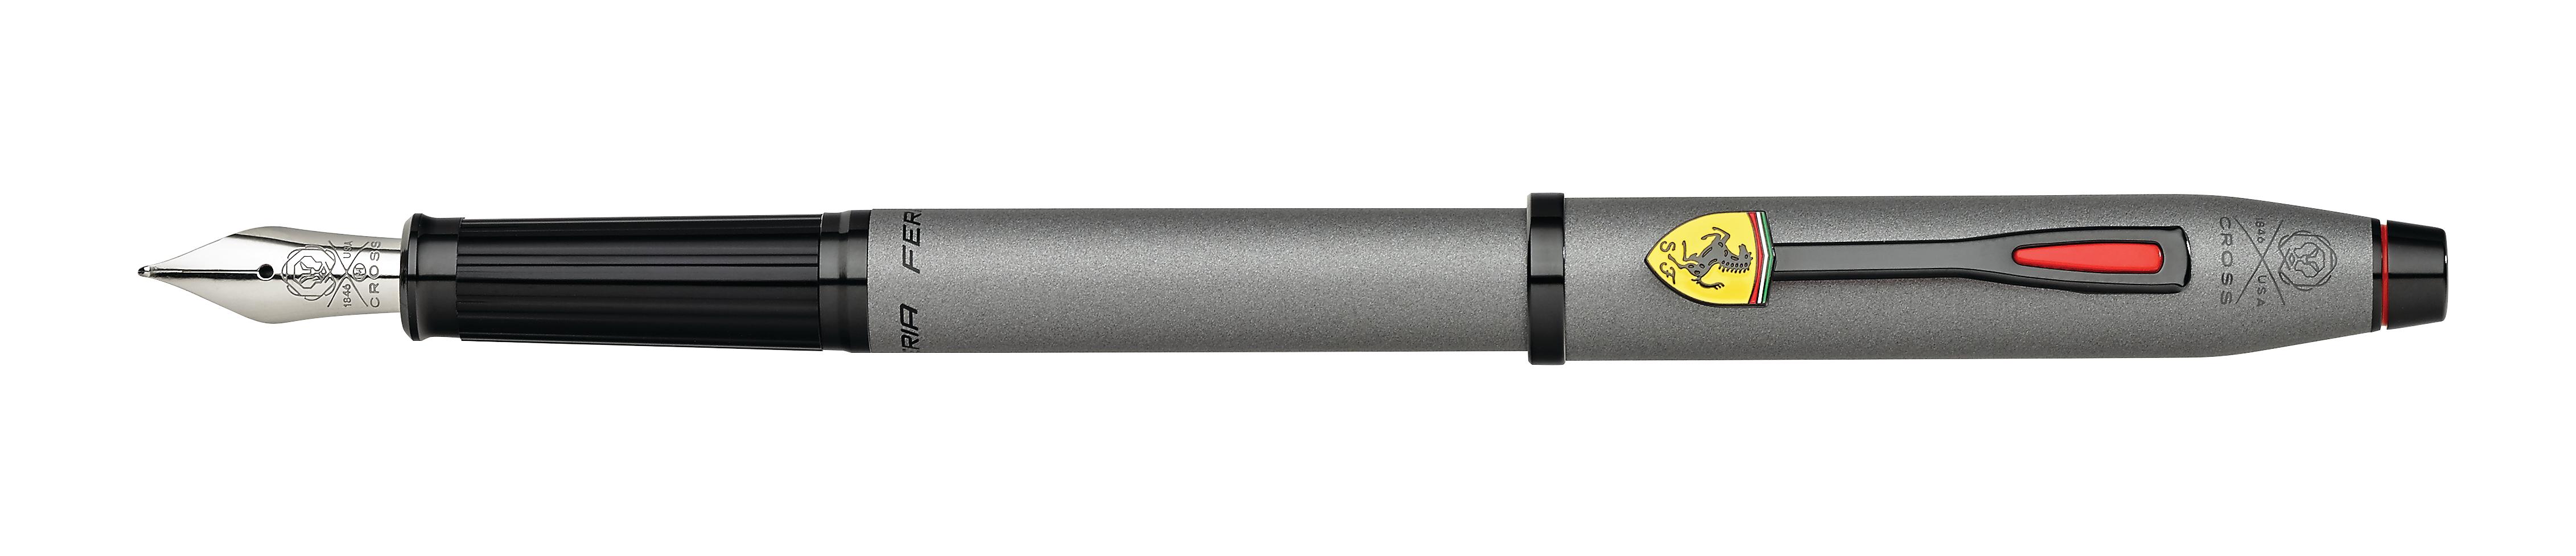 Cross Century II Collection for Scuderia Ferrari Titanium Gray Satin Lacquer Fountain Pen